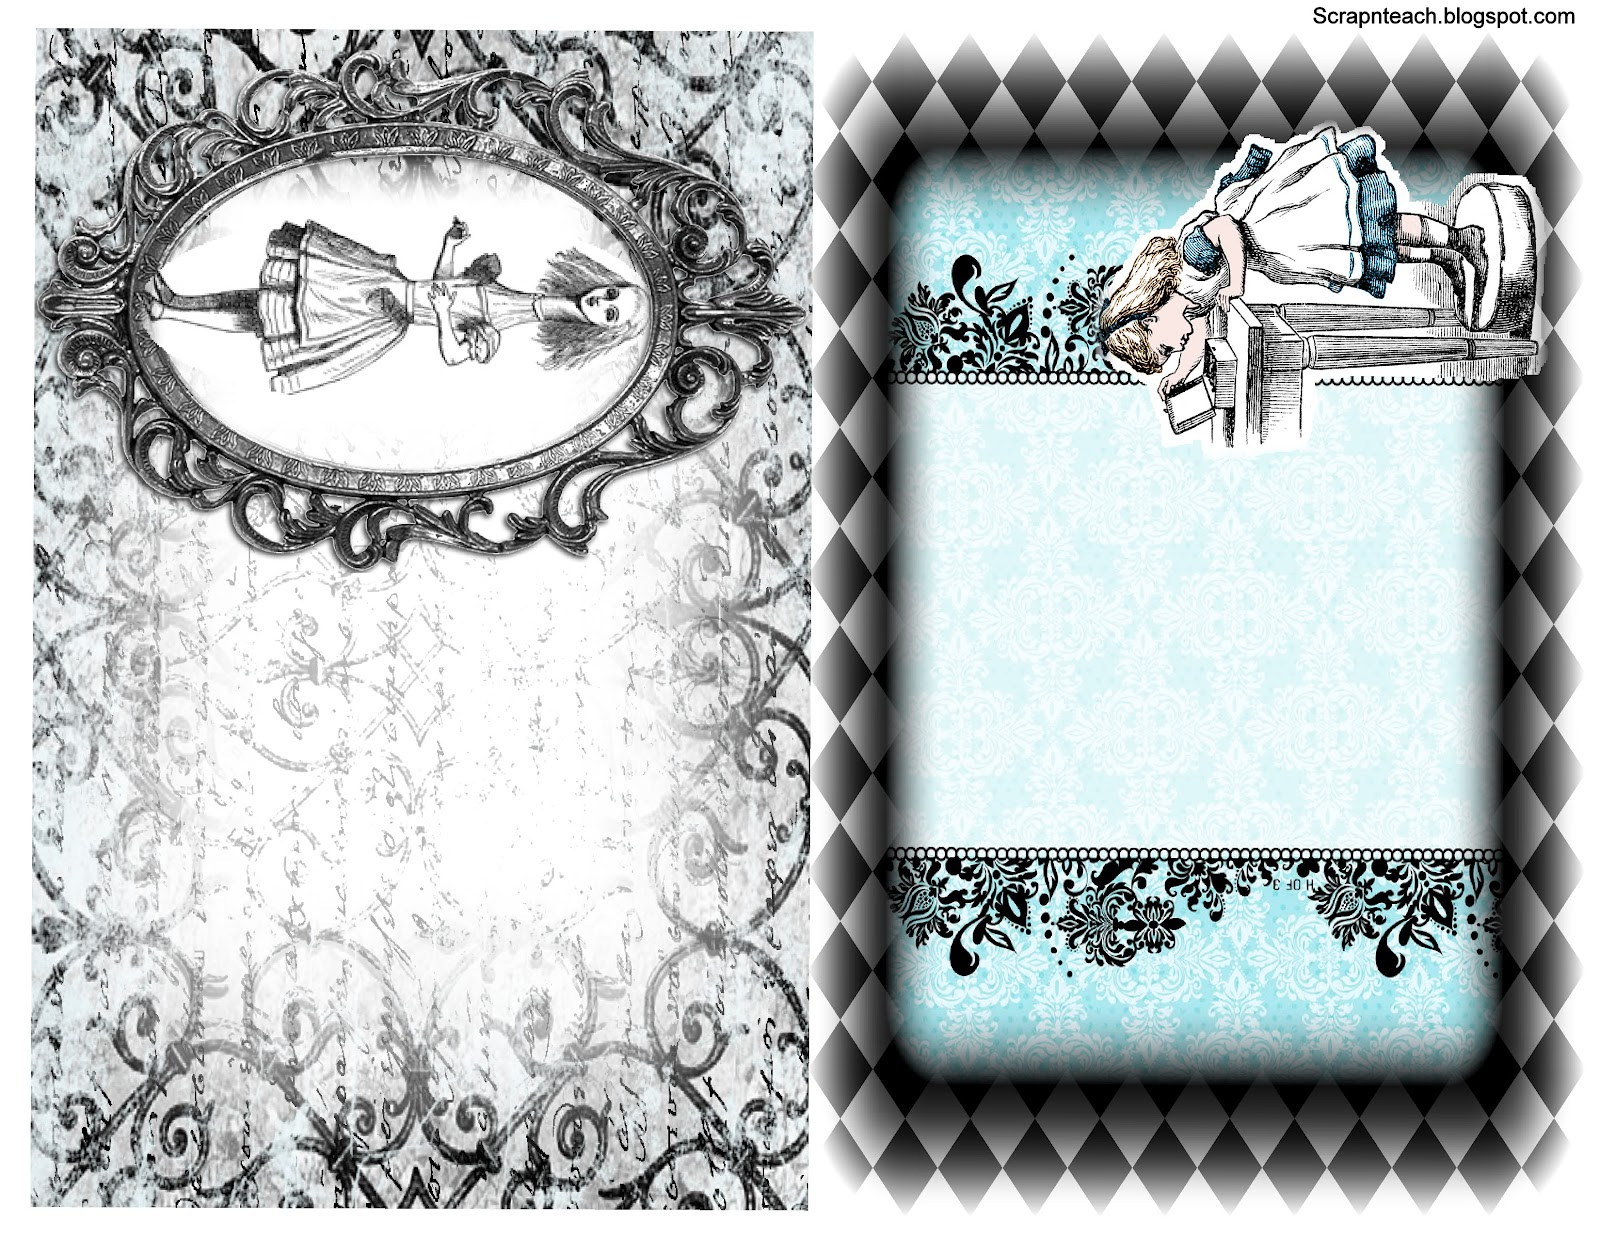 Scrap N Teach Alice In Wonderland Mini Free Printables